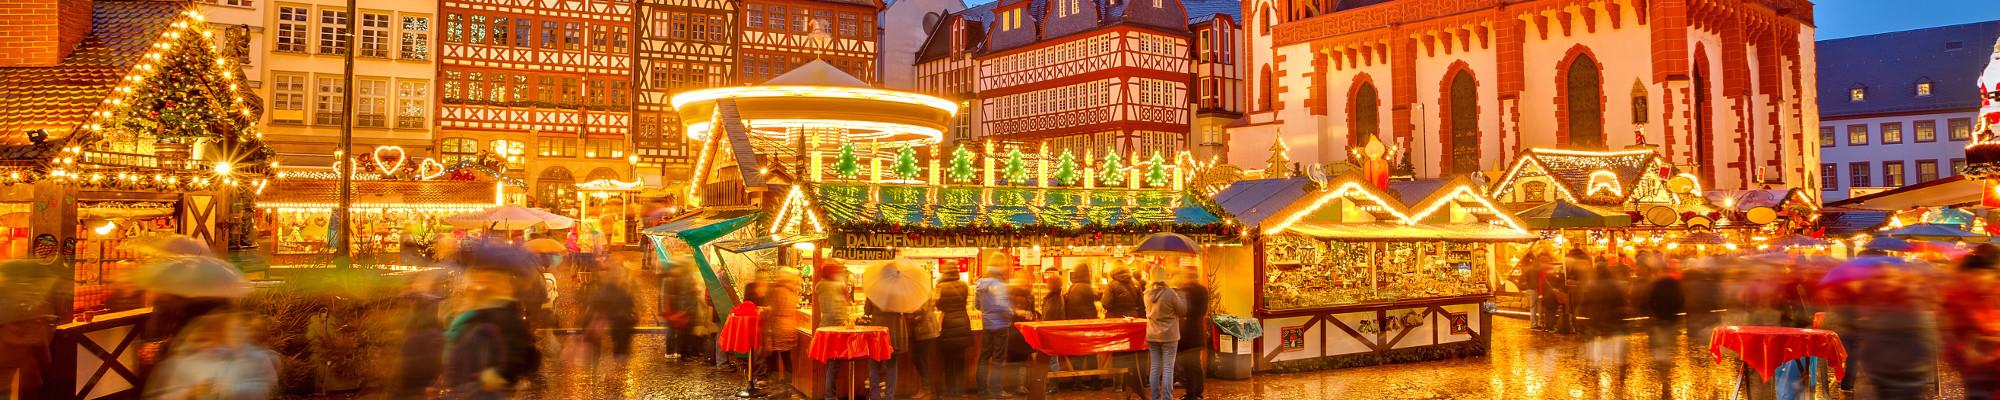 Weihnachtsfeier Frankfurt